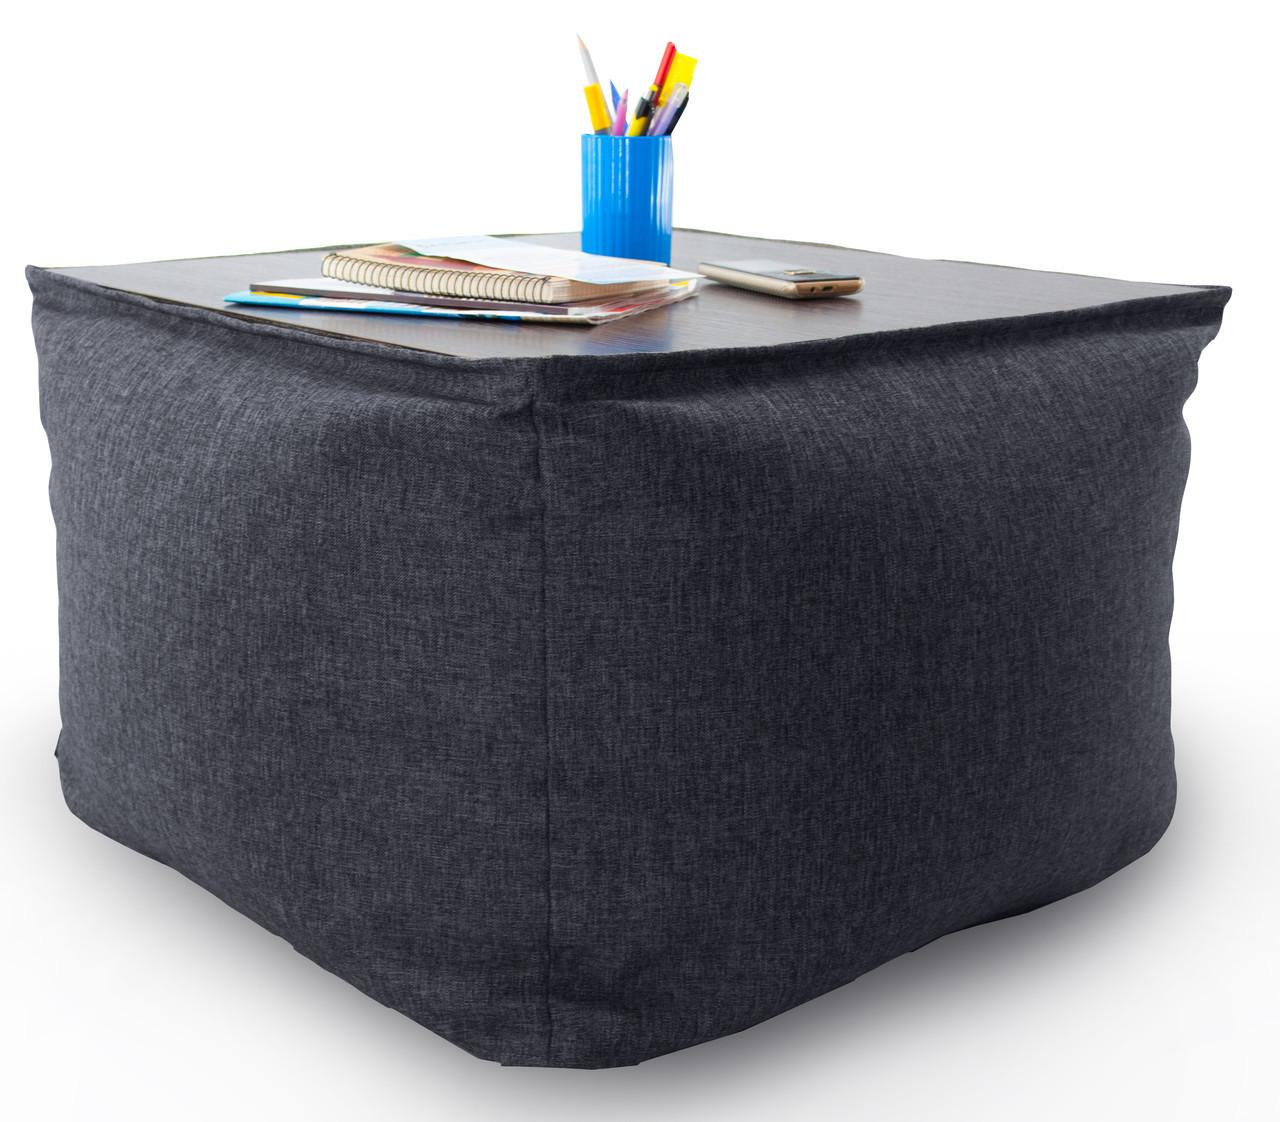 Кресло мешок, журнальный столик, бескаркасный столик. Микро-рогожка 65 см